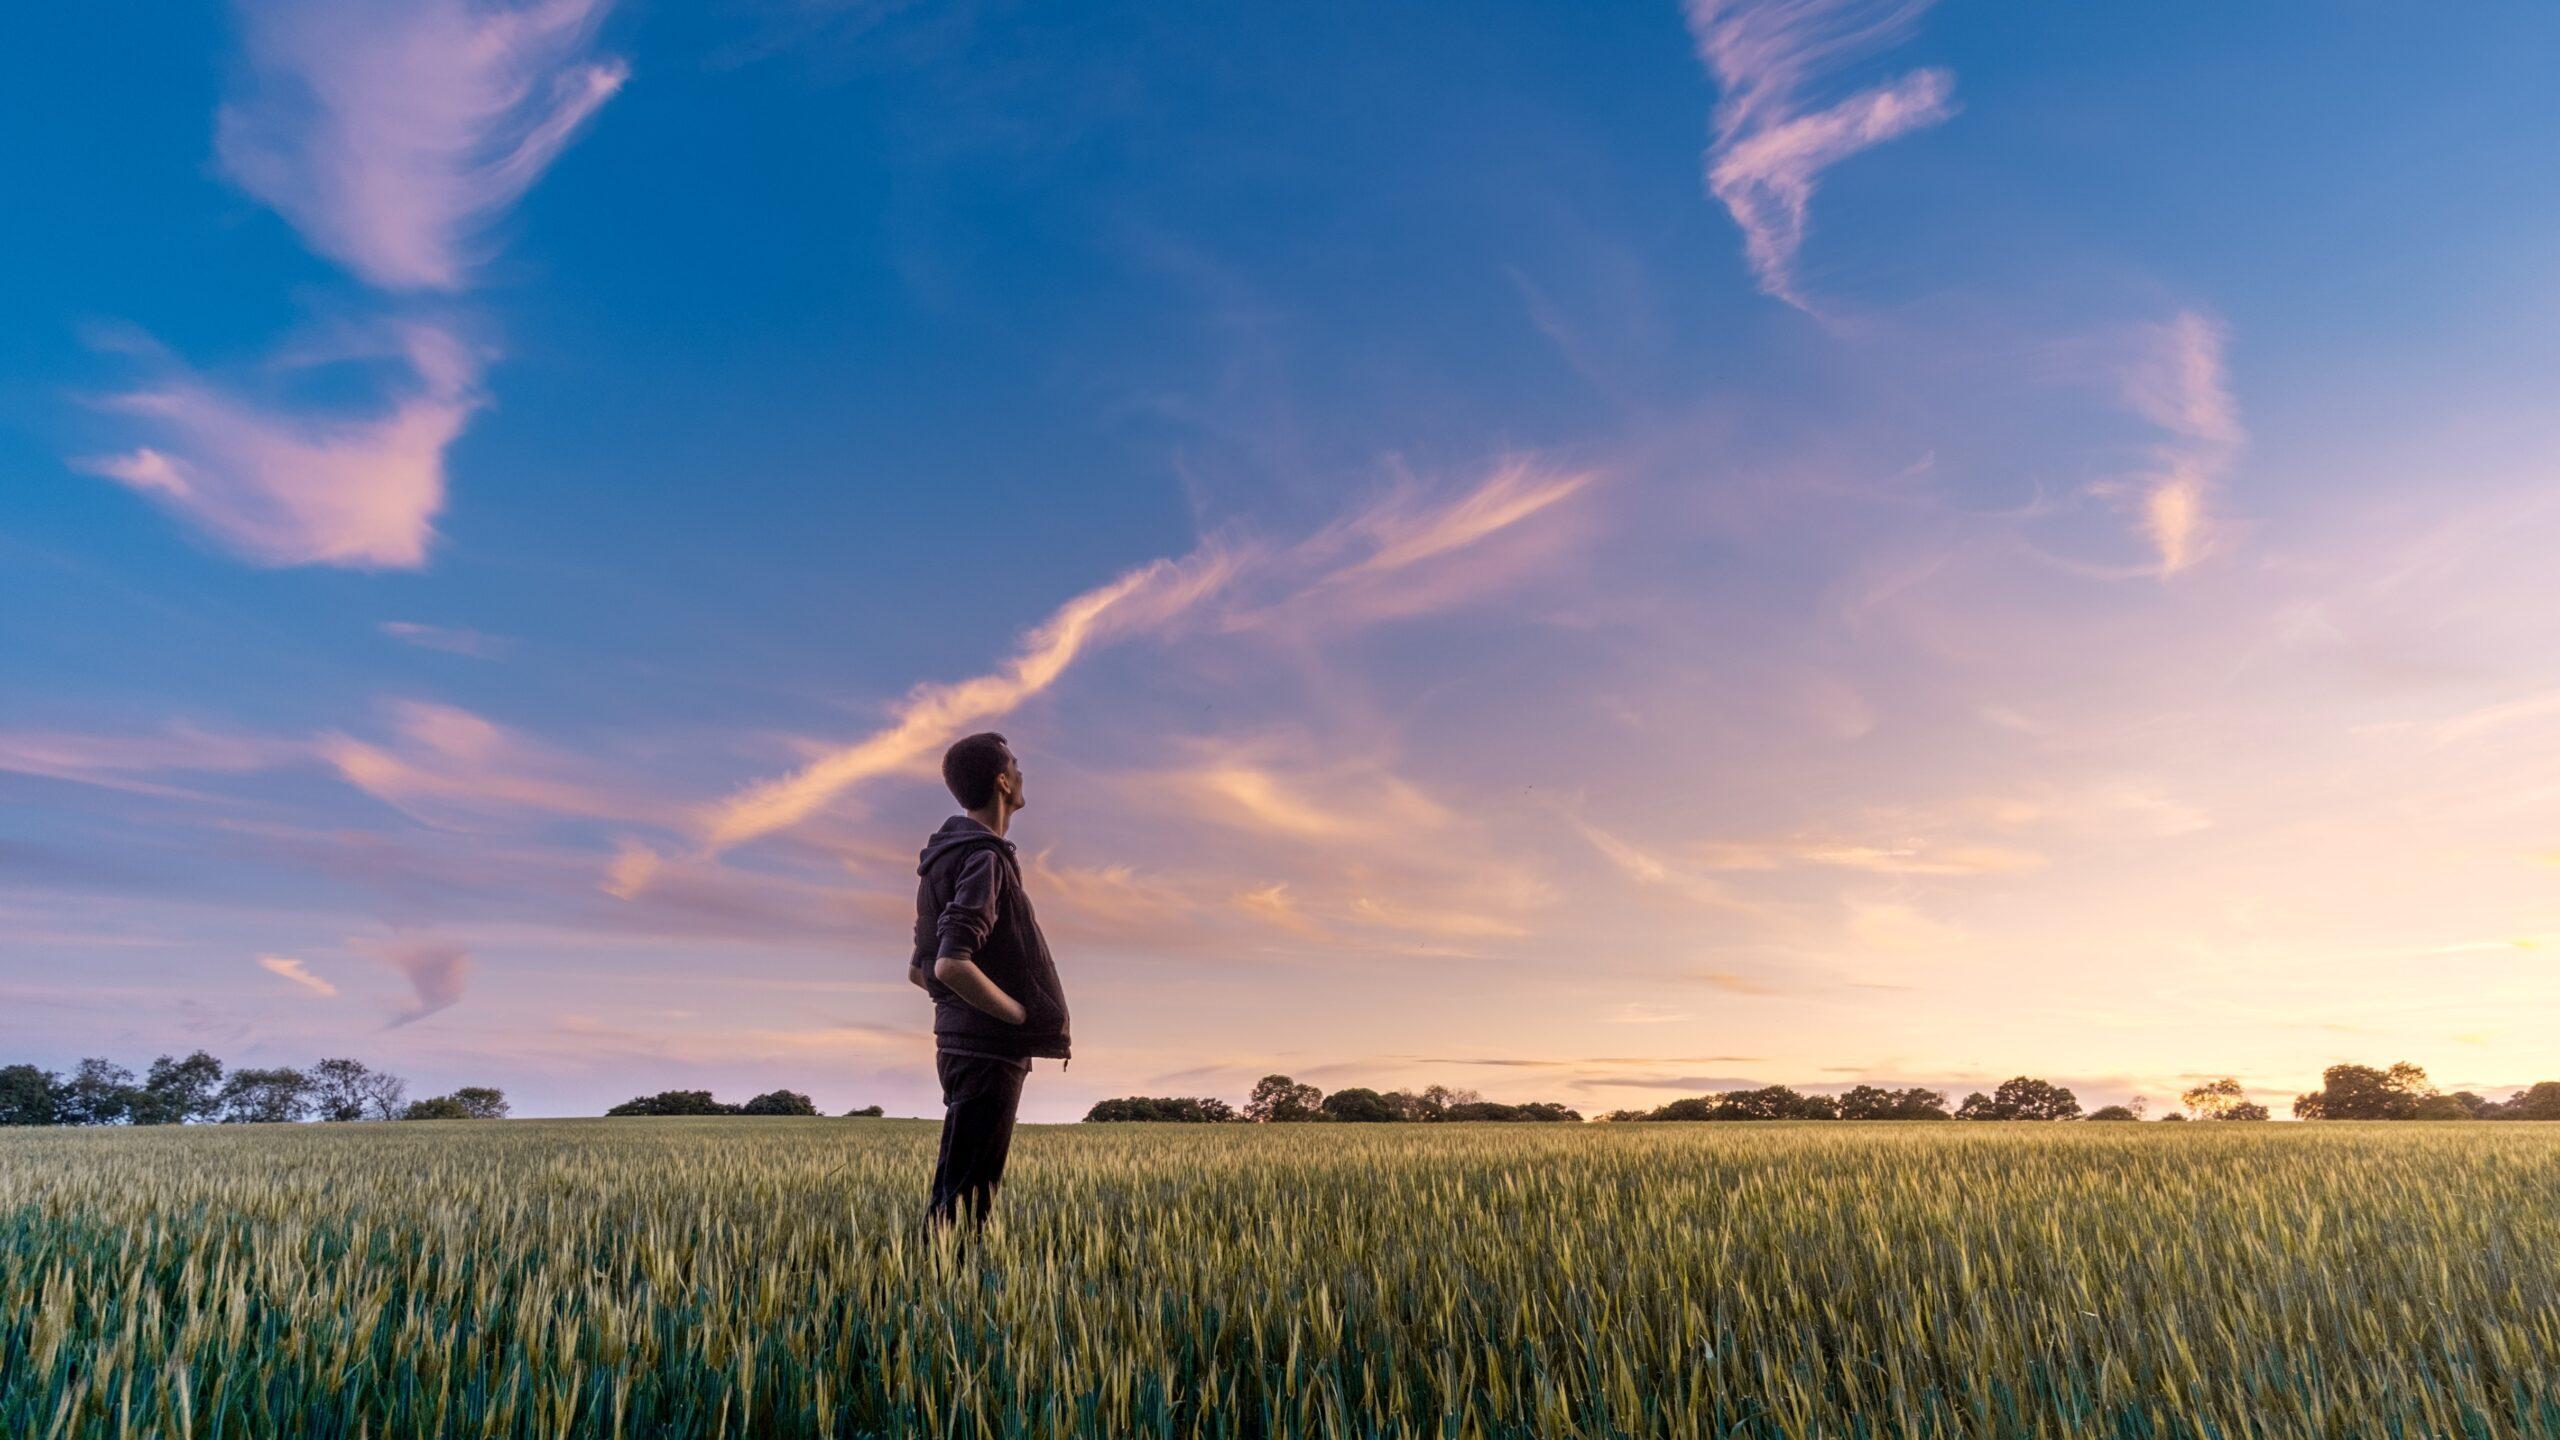 男性が草原に佇んでいる写真